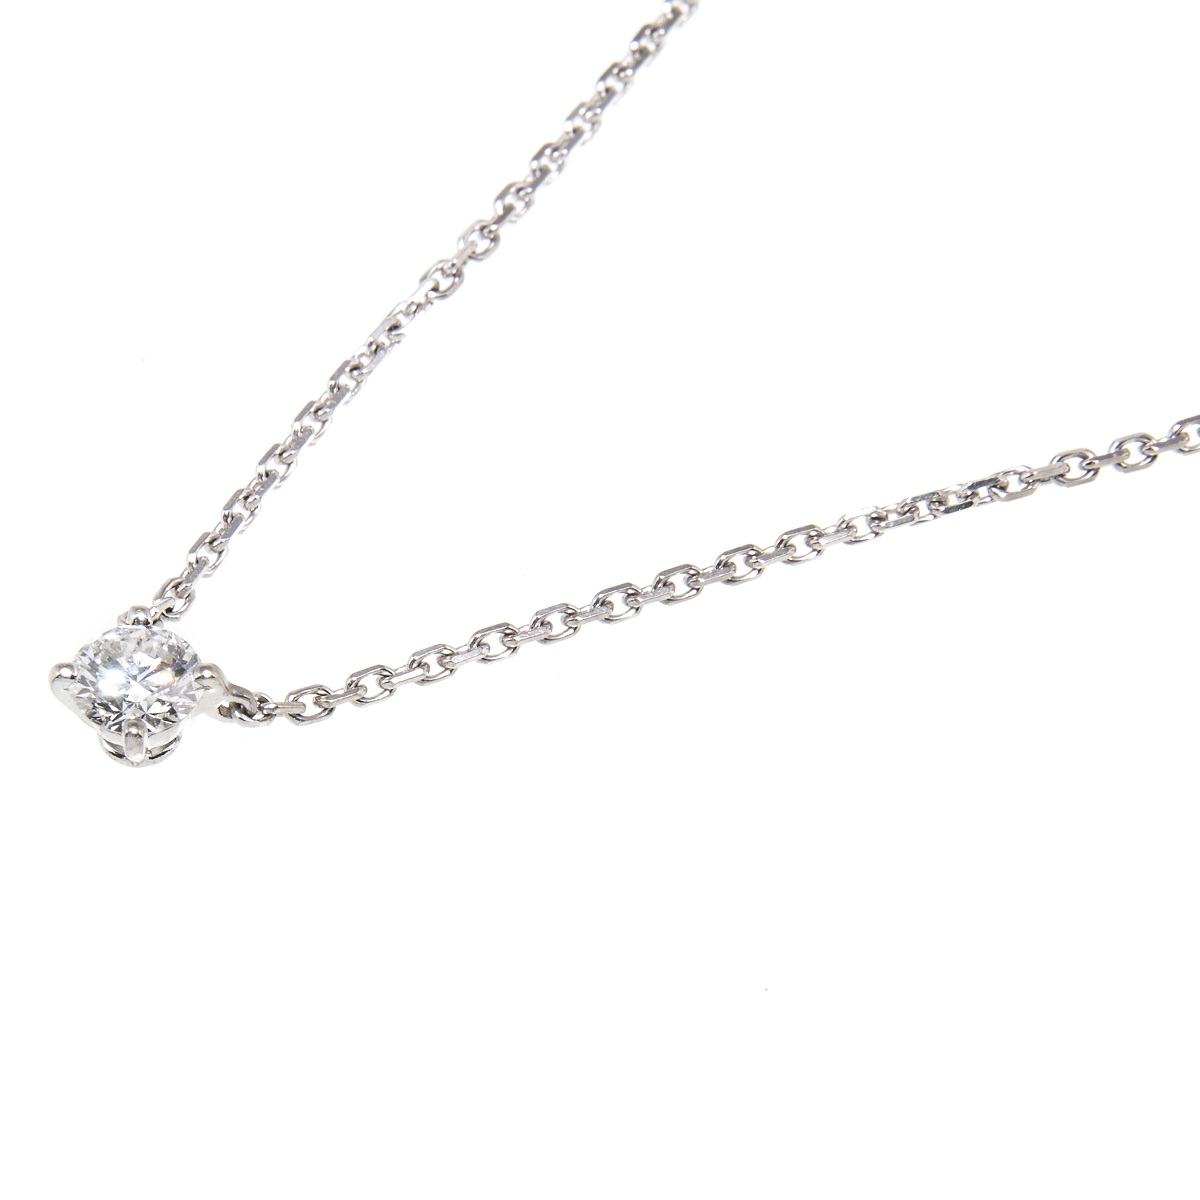 カルティエ Cartier ダイアネックレス ダイアモンド ホワイトゴールド 750 チェーン約49cm 送料無料 【トレジャースポット】【中古】